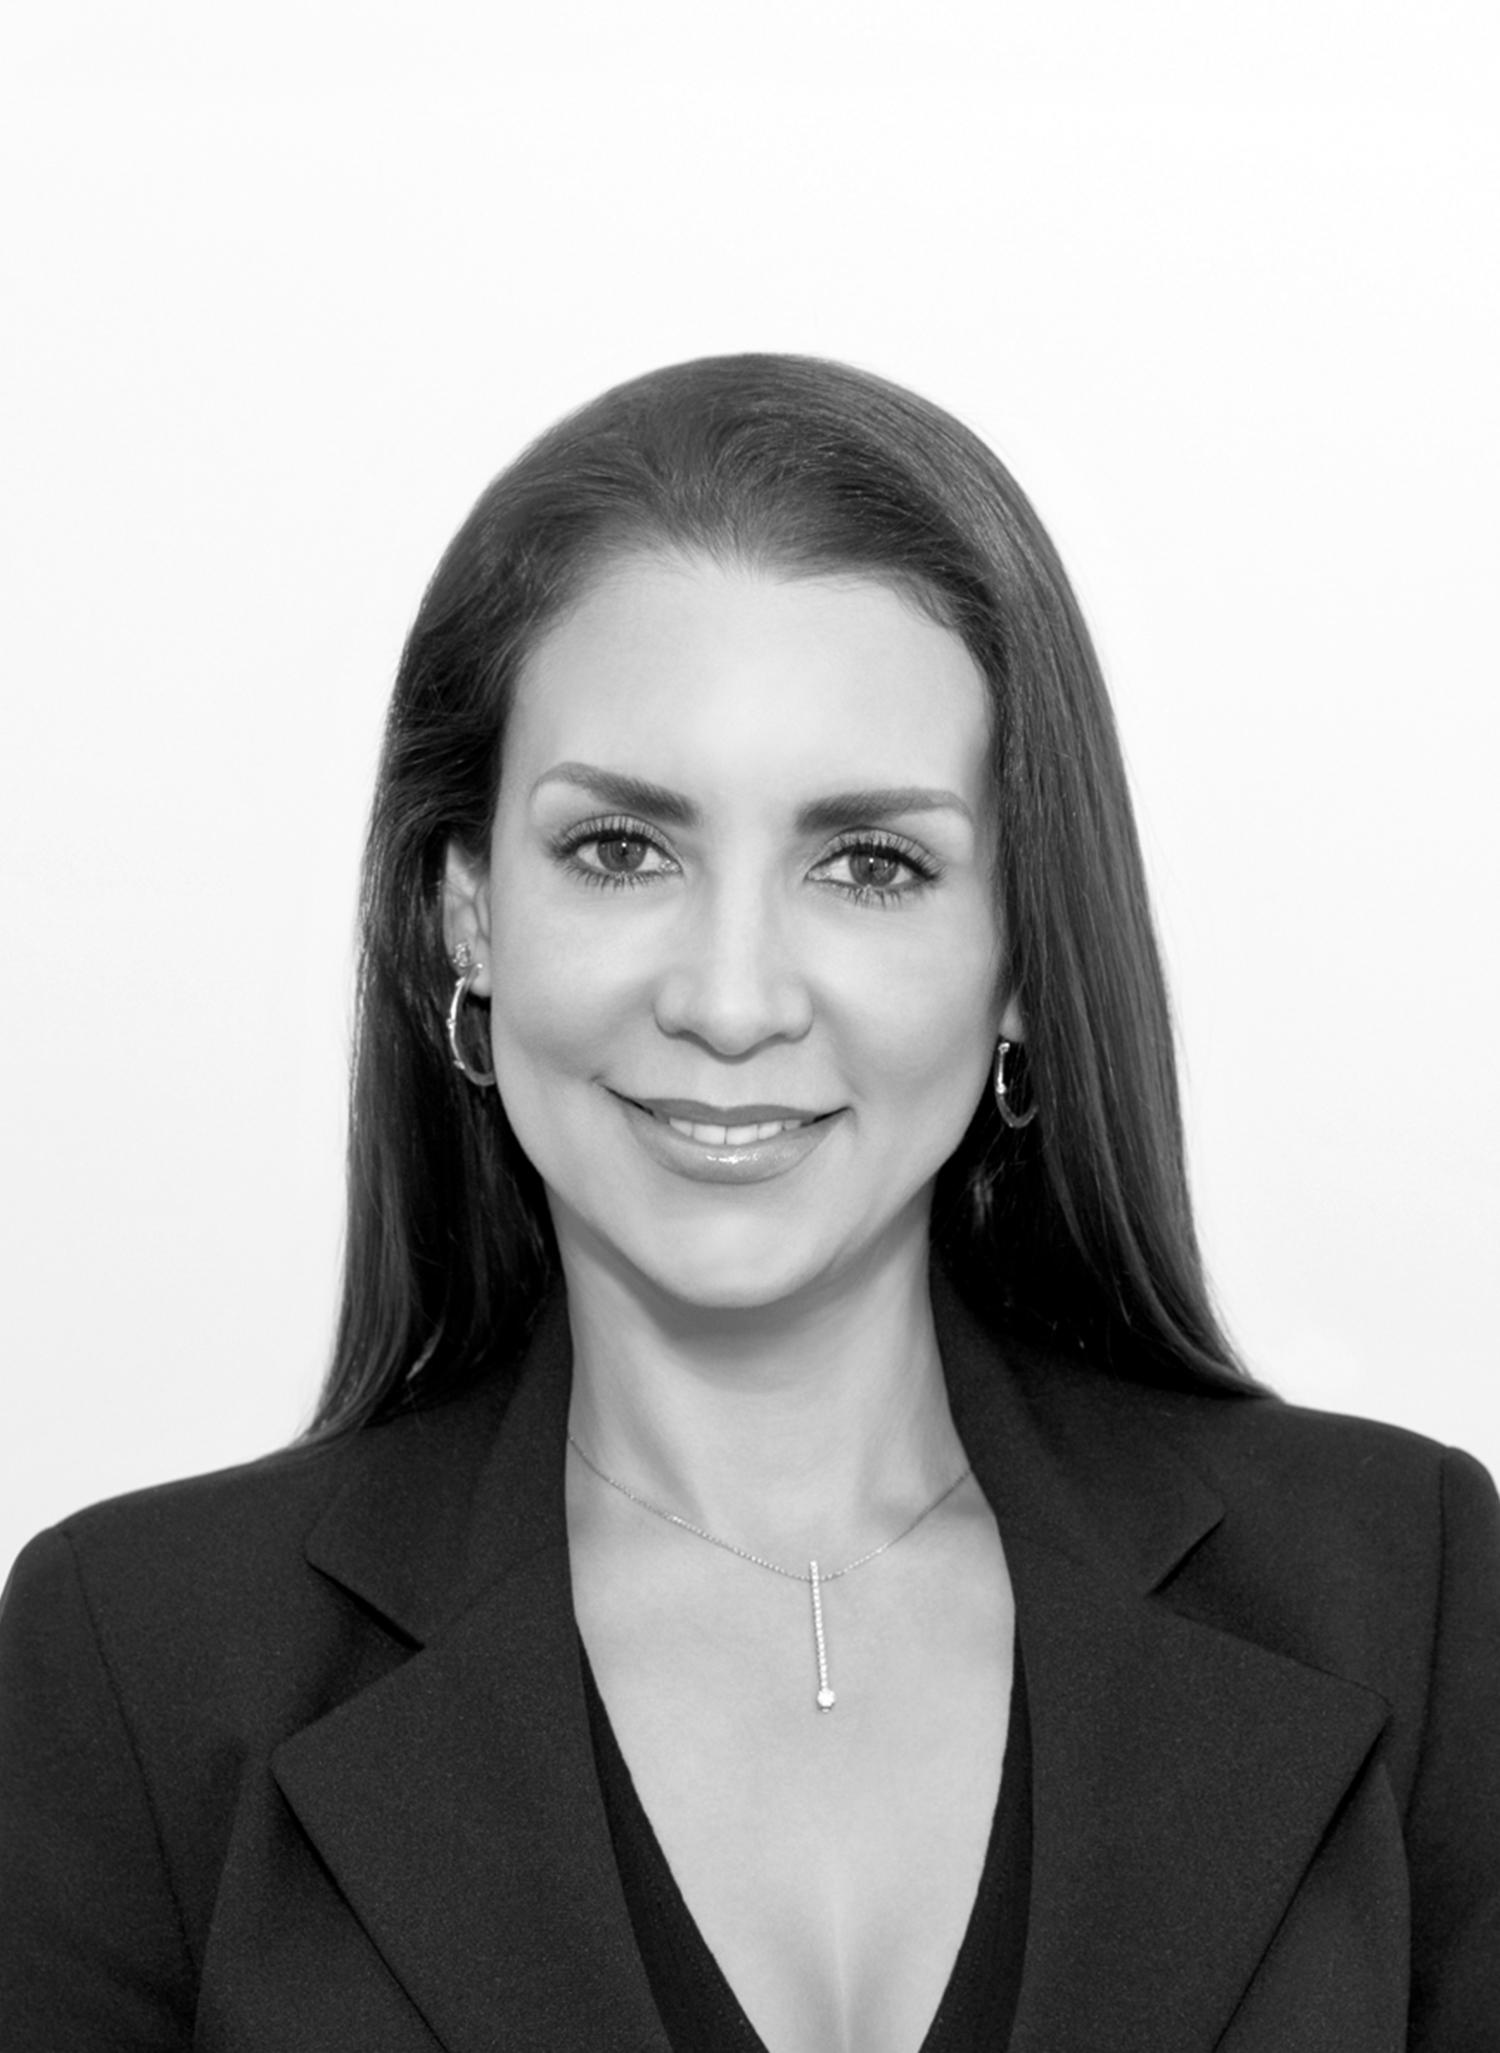 Monica Sarmiento